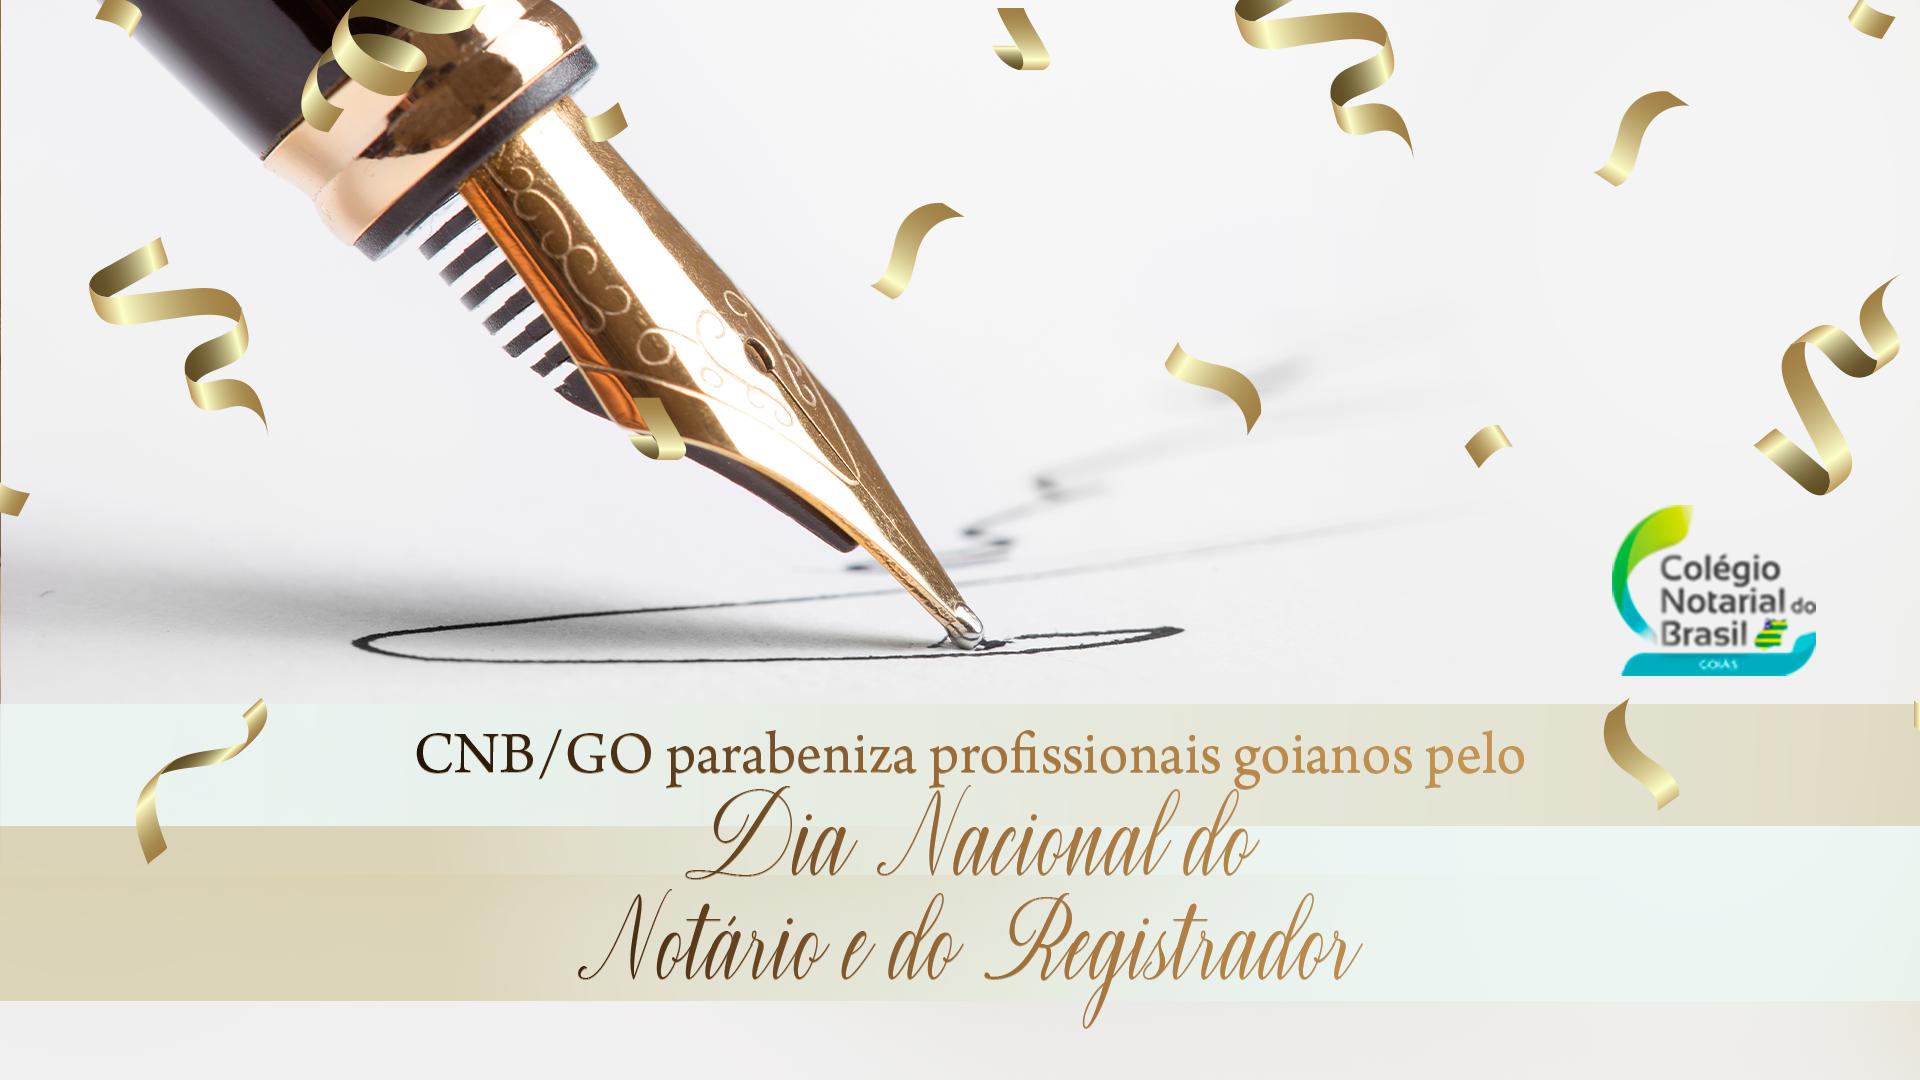 CNB/GO Parabeniza Profissionais Goianos Pelo Dia Nacional Do Notário E Registrador